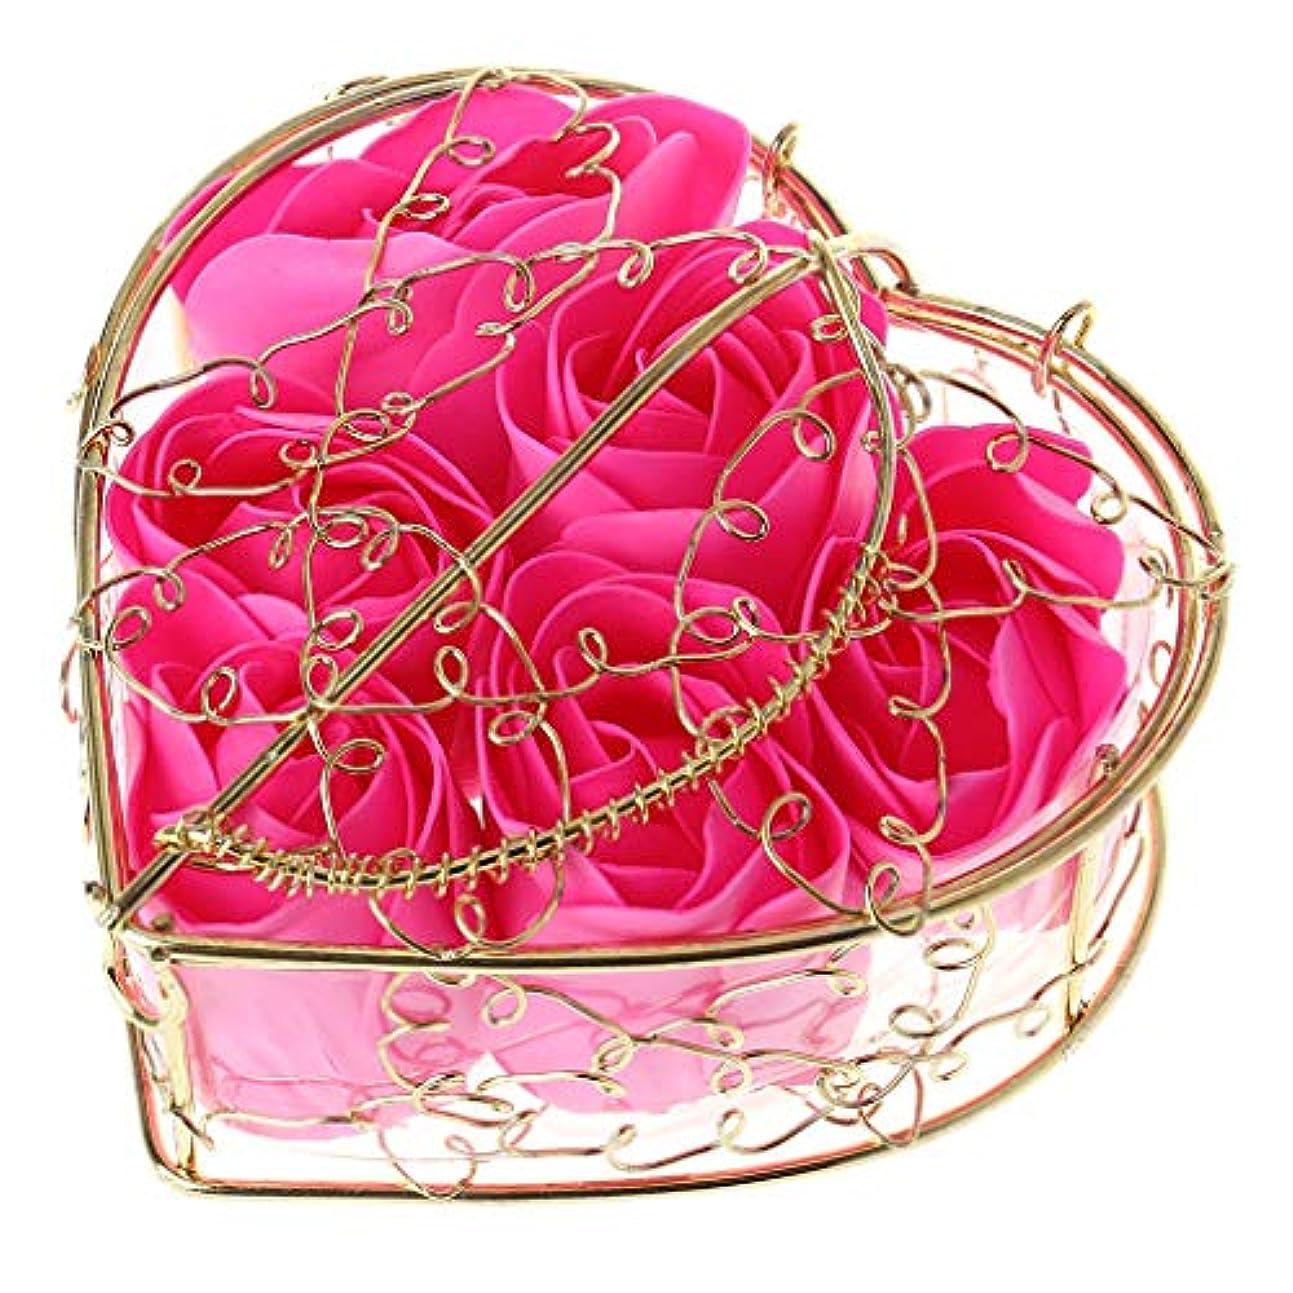 梨リビジョン次Kaman-co 6本の香りのバラの花びら、入浴ボディーソープ、ウェディングパーティーの装飾ギフト、バレンタインデーの贈り物 (HP)